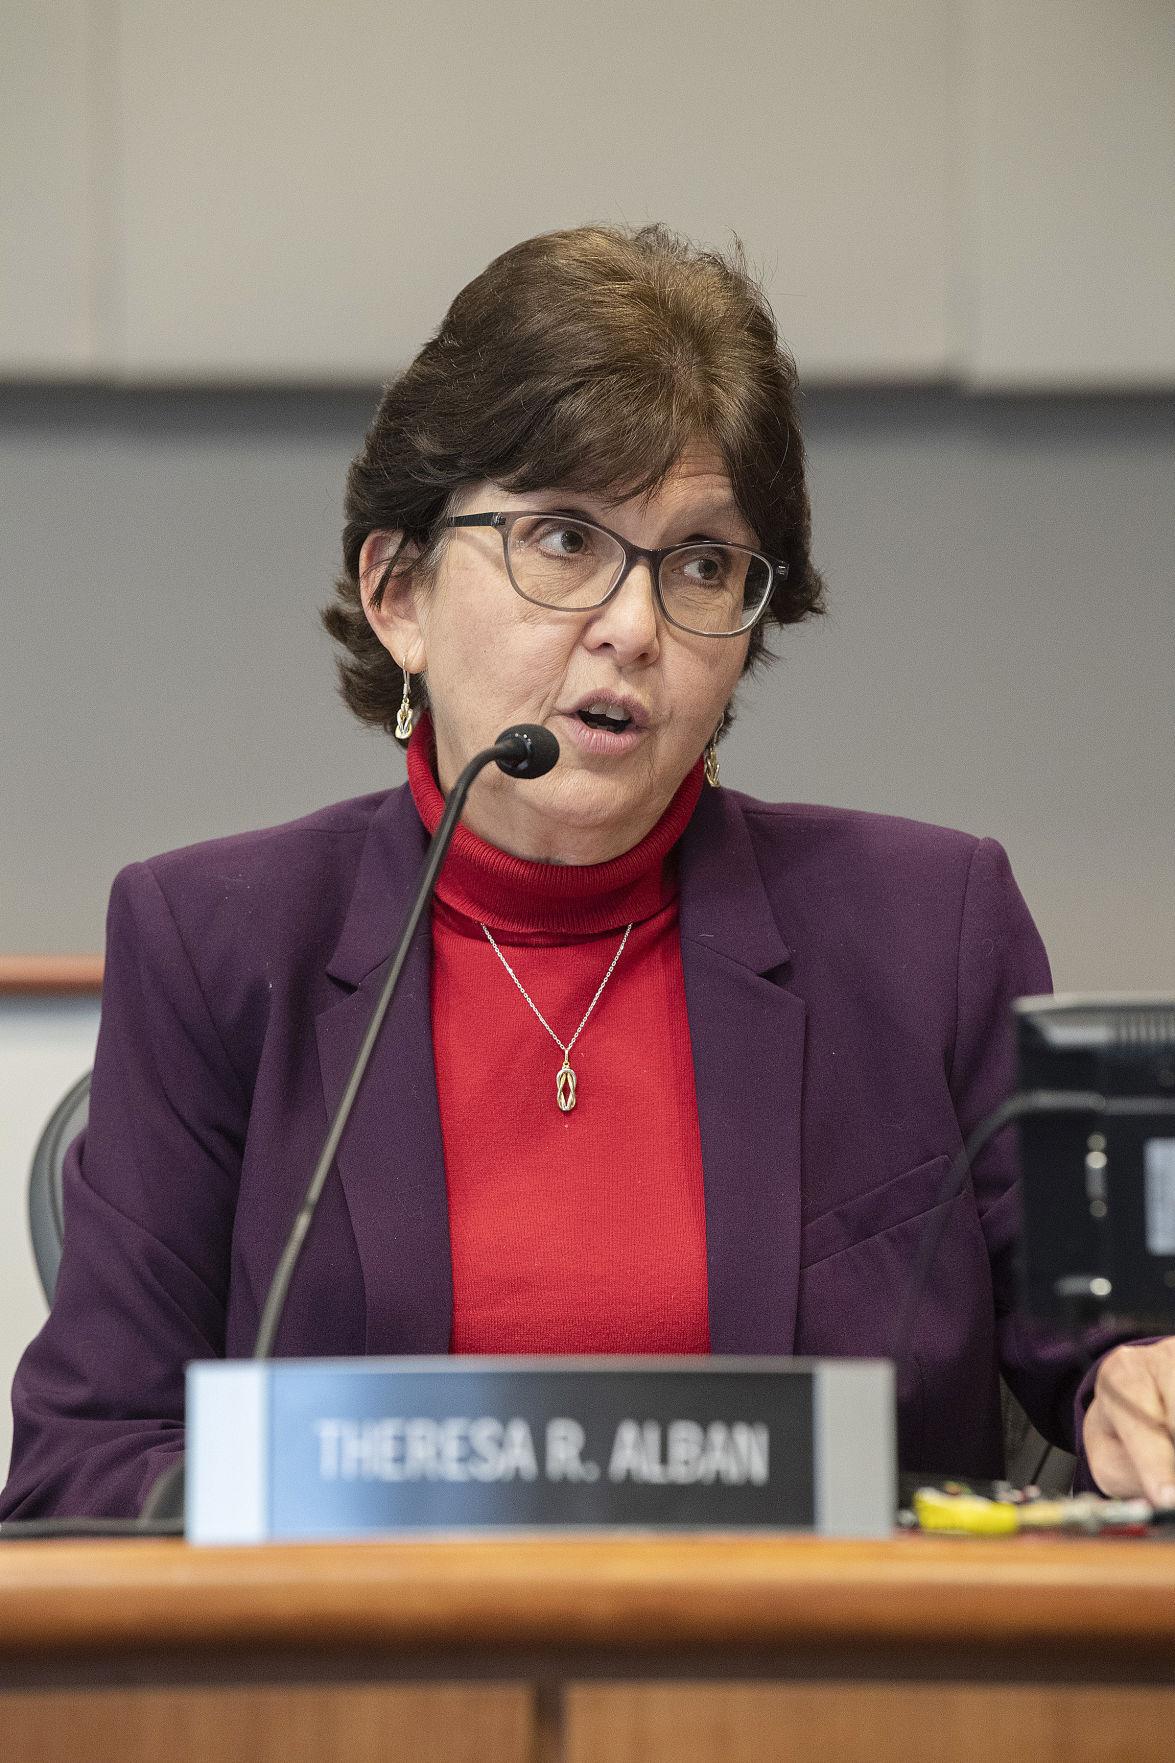 Theresa Alban